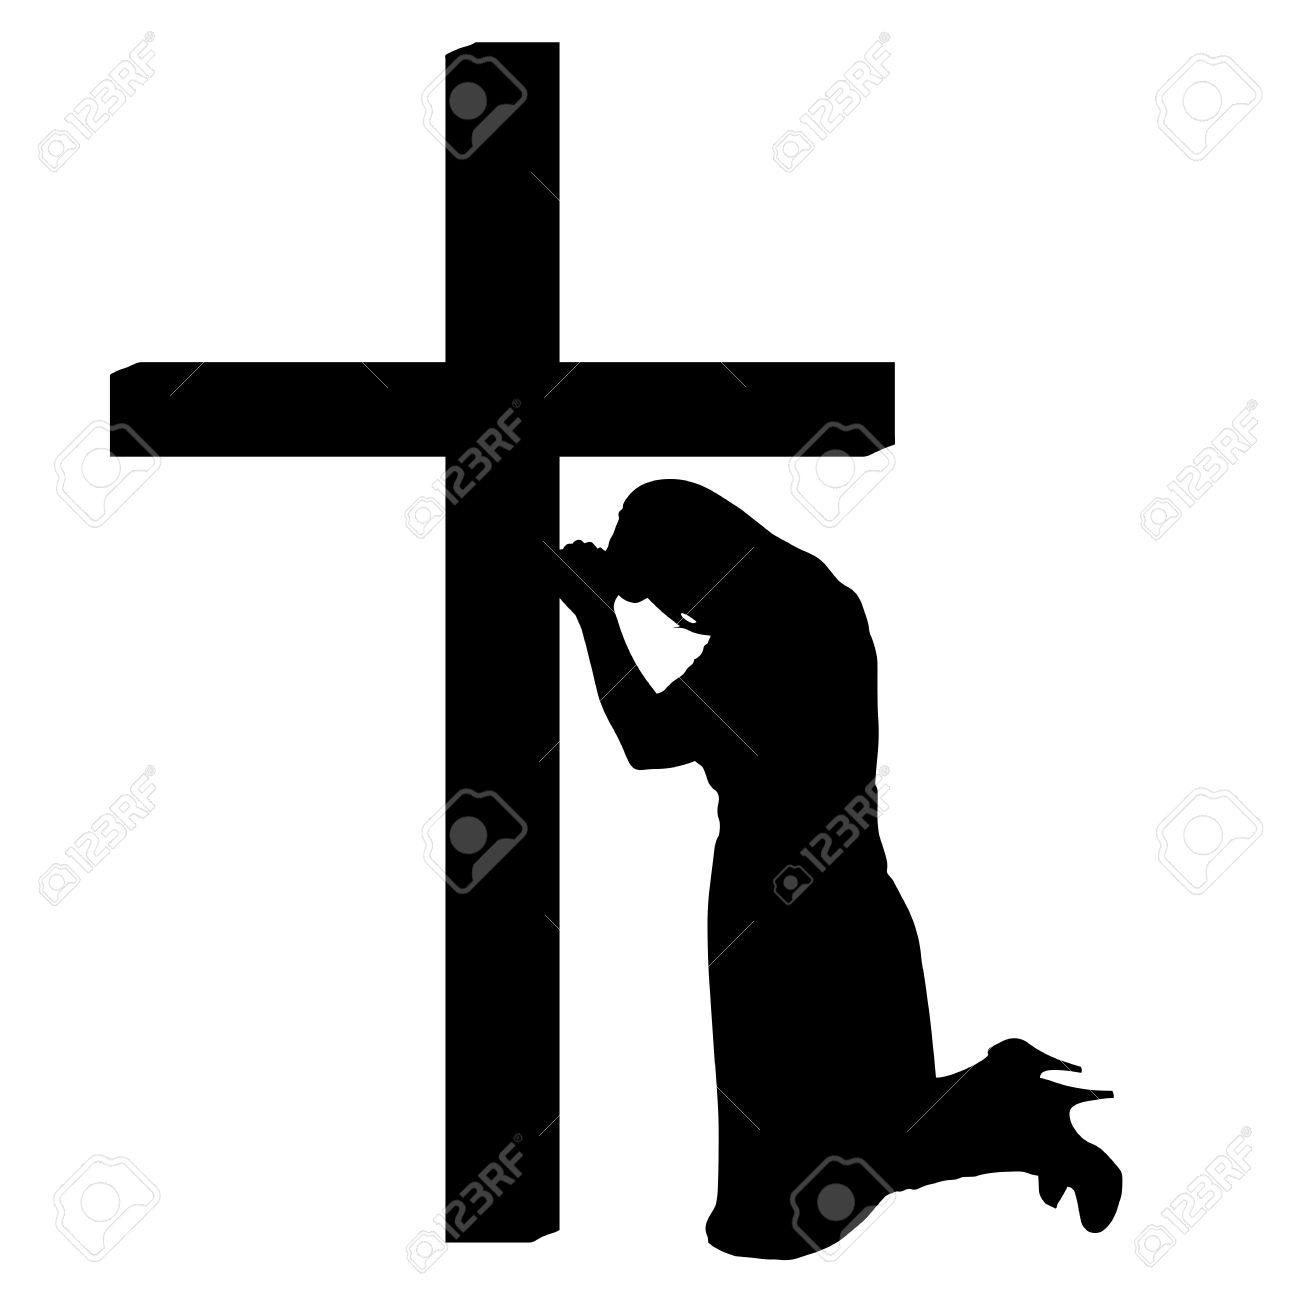 1300x1300 Woman Praying